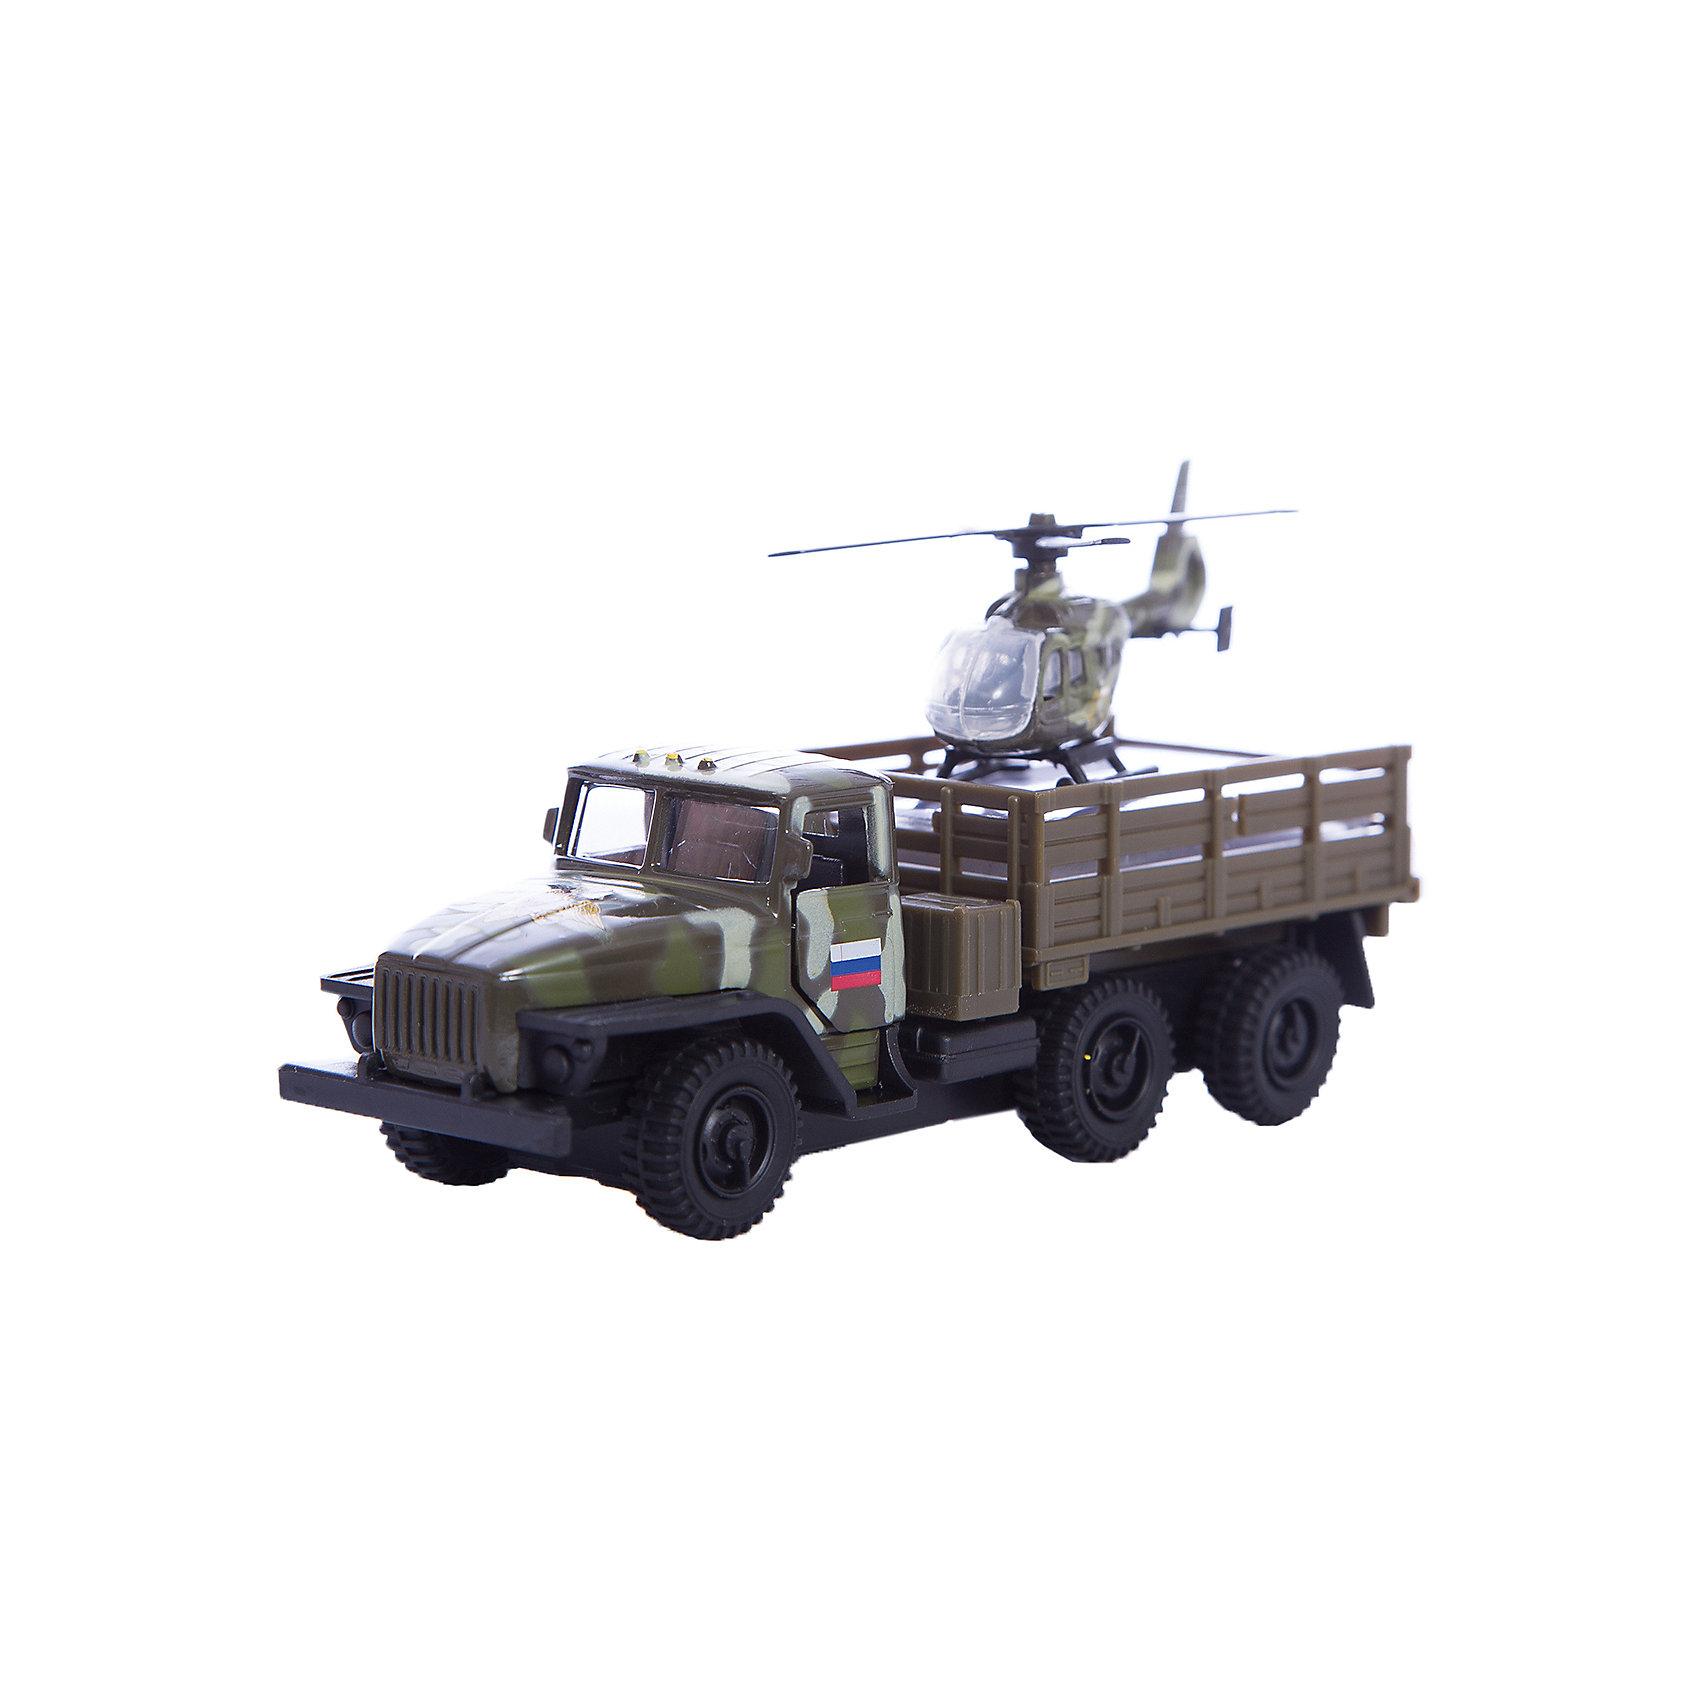 Машина Урал с вертолетом, ТехнопаркКоллекционные модели<br>Характеристика:<br><br>- Возраст: от 3 лет.<br>- В комплекте: машина, вертолет. <br>- Материал: металл, пластик.<br>- Размер упаковки: 17х15х6 см.<br><br>Прекрасный подарочный набор для мальчика!<br>Игрушка выглядит очень реалистично, а еще, у автомобиля открываются капот и двери кабины, причем под капотом можно увидеть детали двигателя.<br><br>Машина Урал с вертолетом, можно купить в нашем магазине.<br><br>Ширина мм: 50<br>Глубина мм: 150<br>Высота мм: 170<br>Вес г: 170<br>Возраст от месяцев: 36<br>Возраст до месяцев: 72<br>Пол: Мужской<br>Возраст: Детский<br>SKU: 5099089